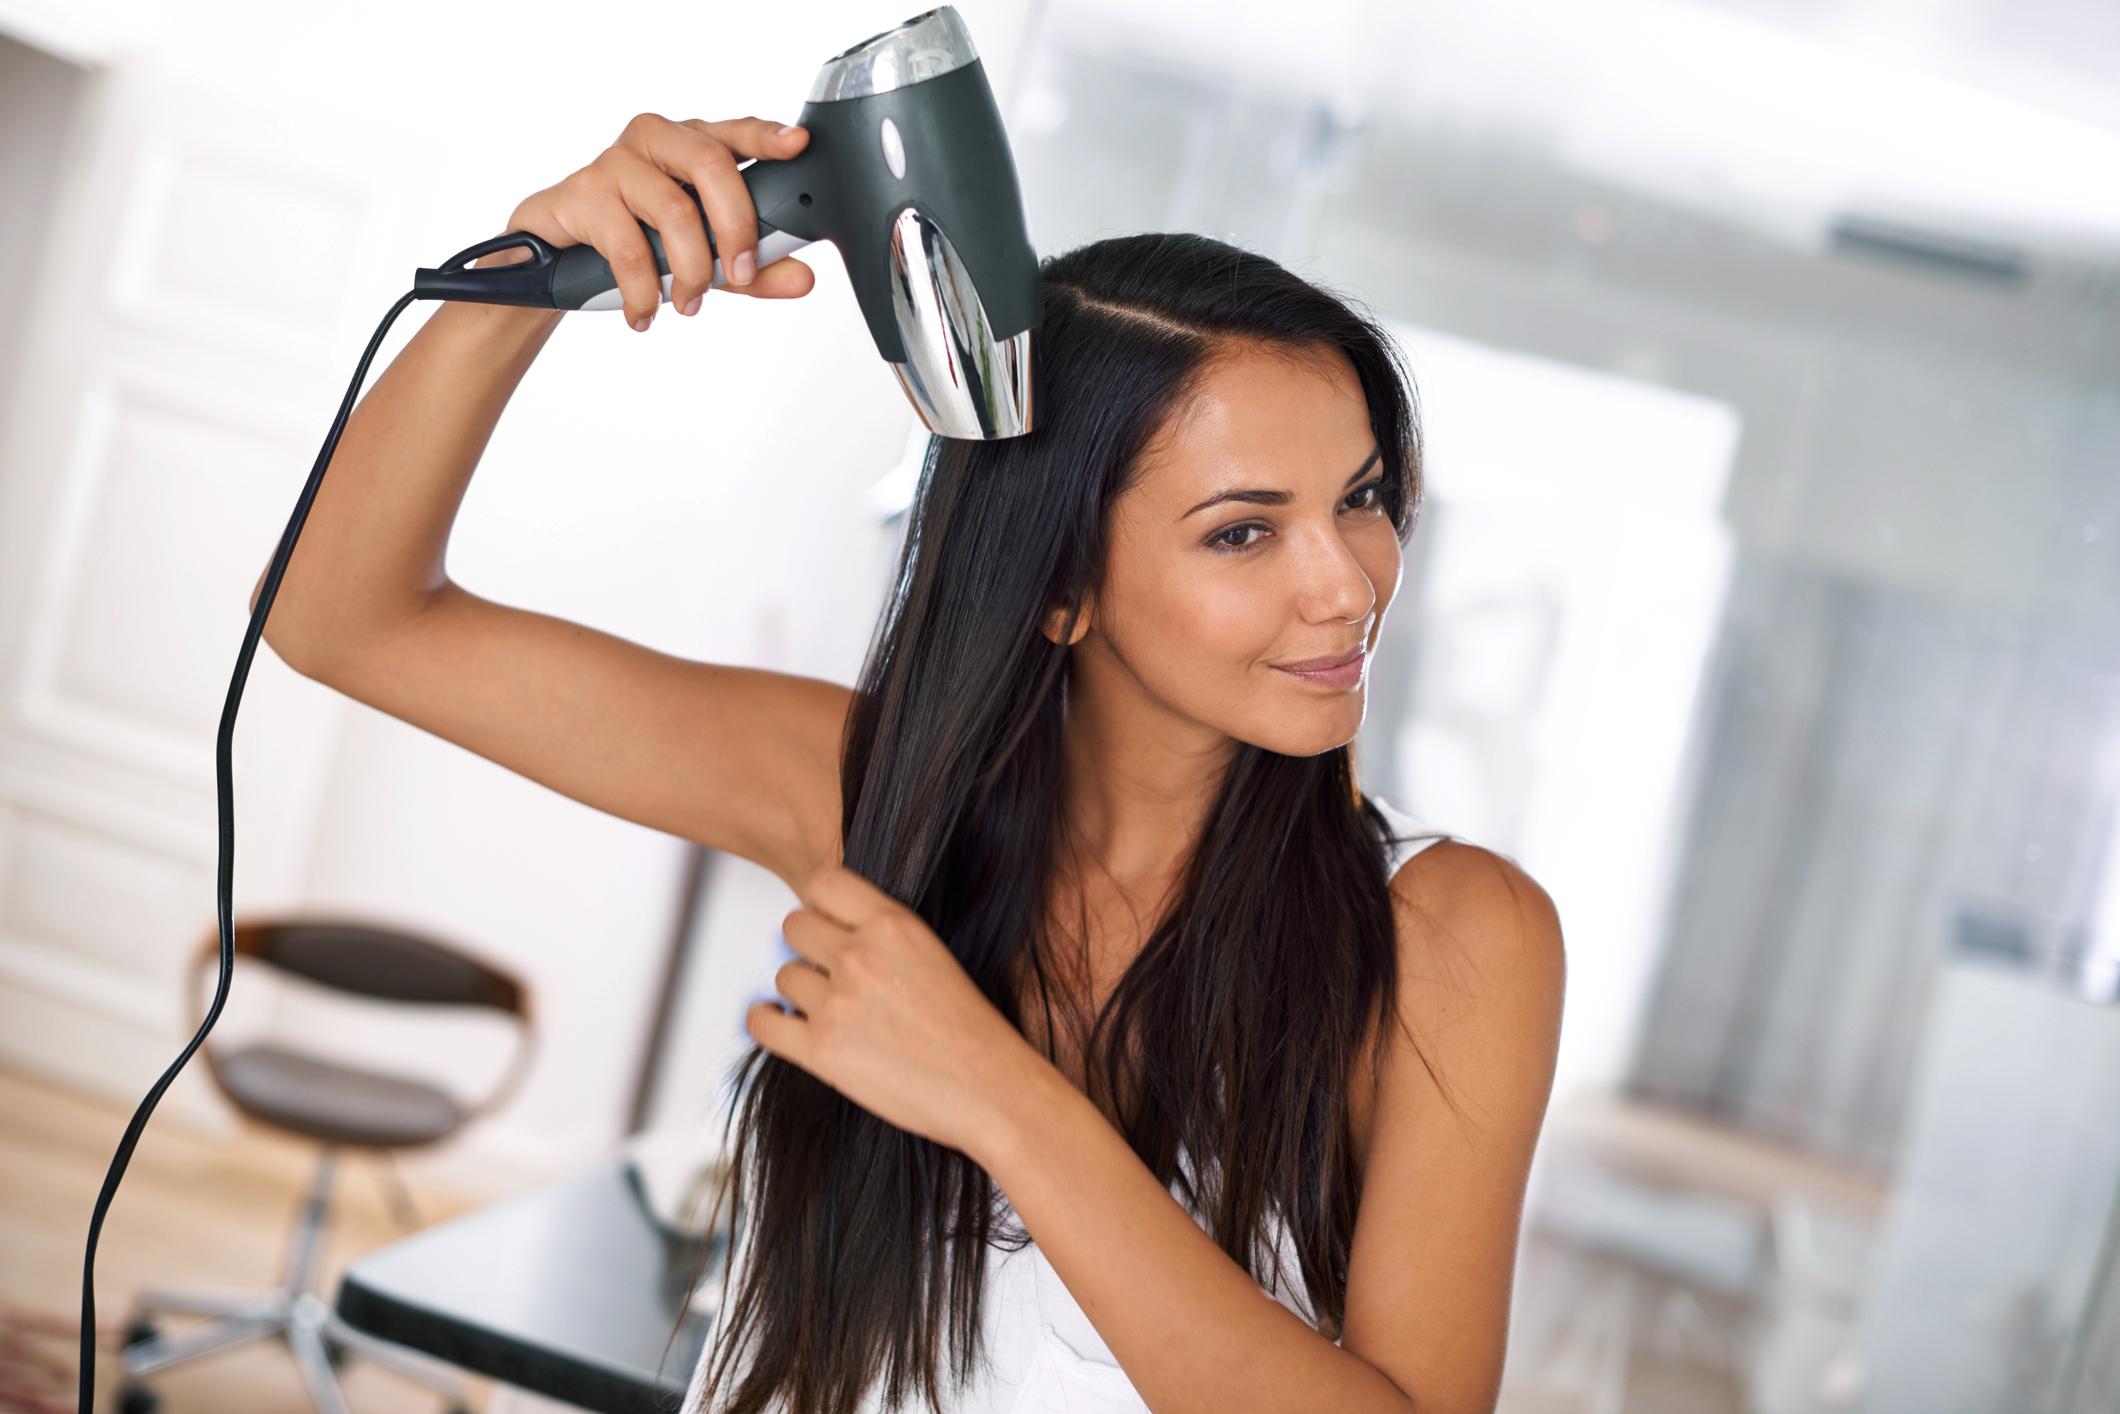 using hair dryer